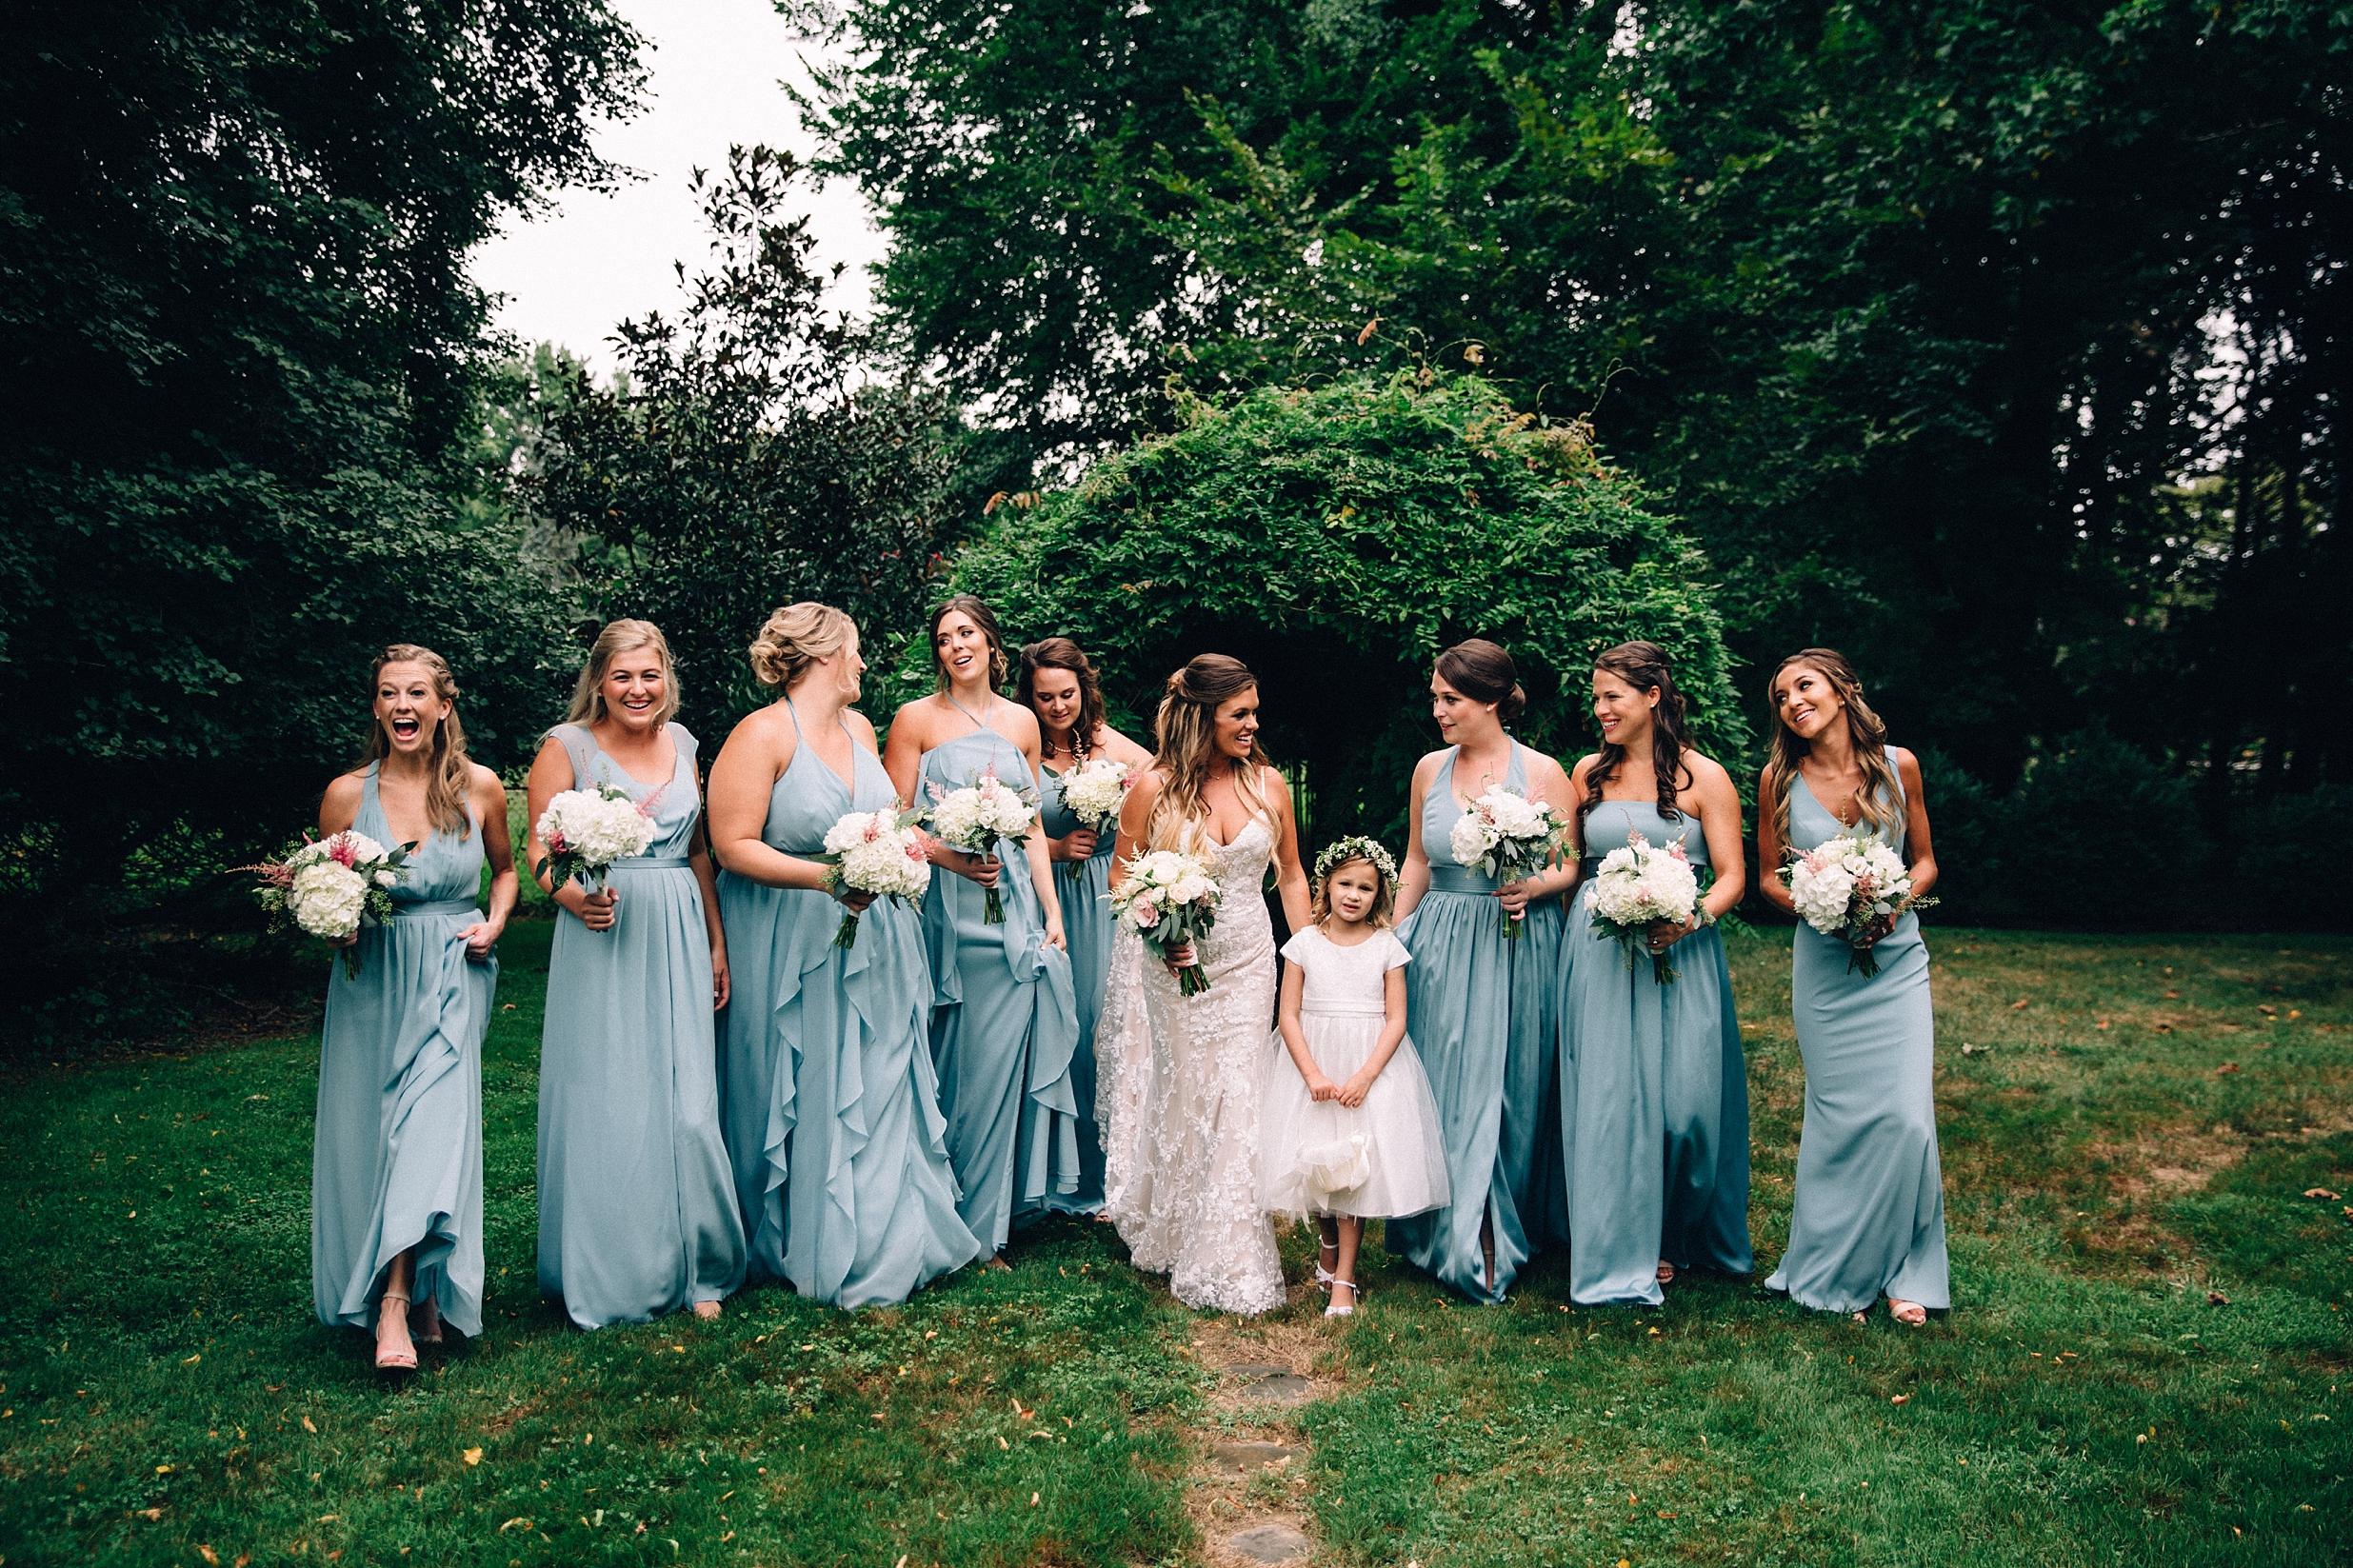 jersey-outdoor-ceremony-wedding-navasink-monmouth-rumson_0029.jpg